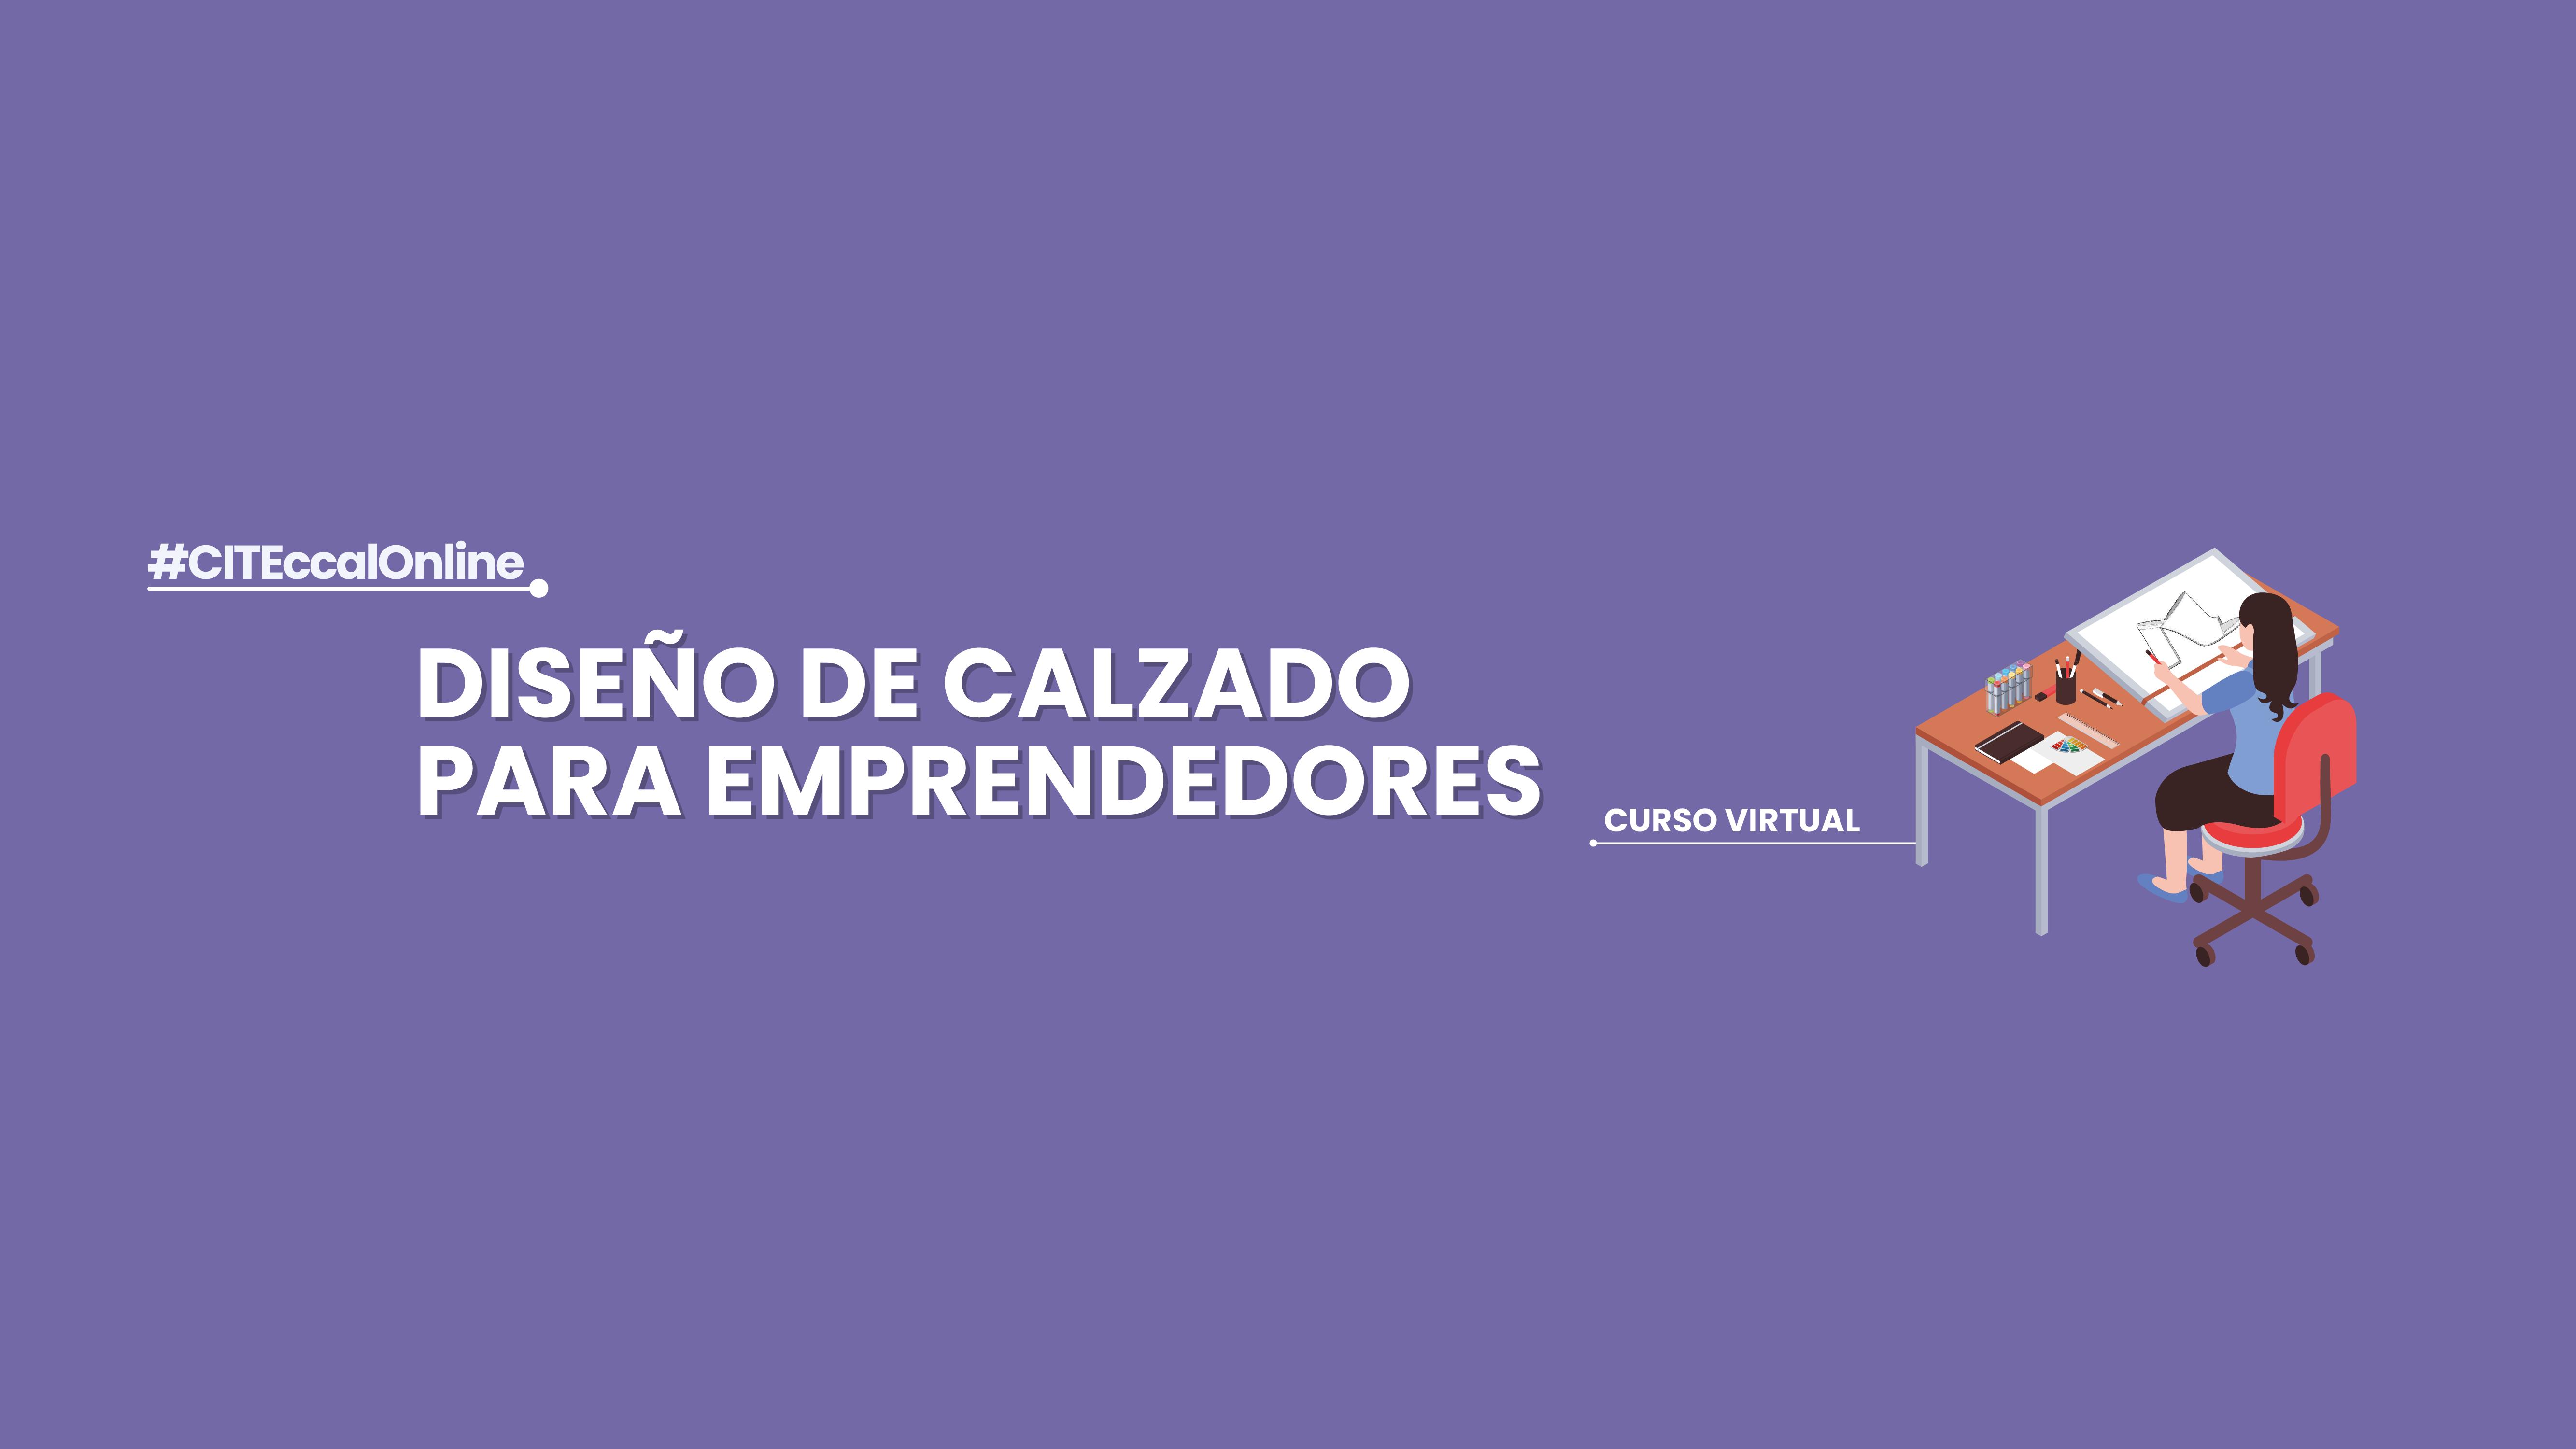 DISEÑO DE CALZADO PARA EMPRENDEDORES